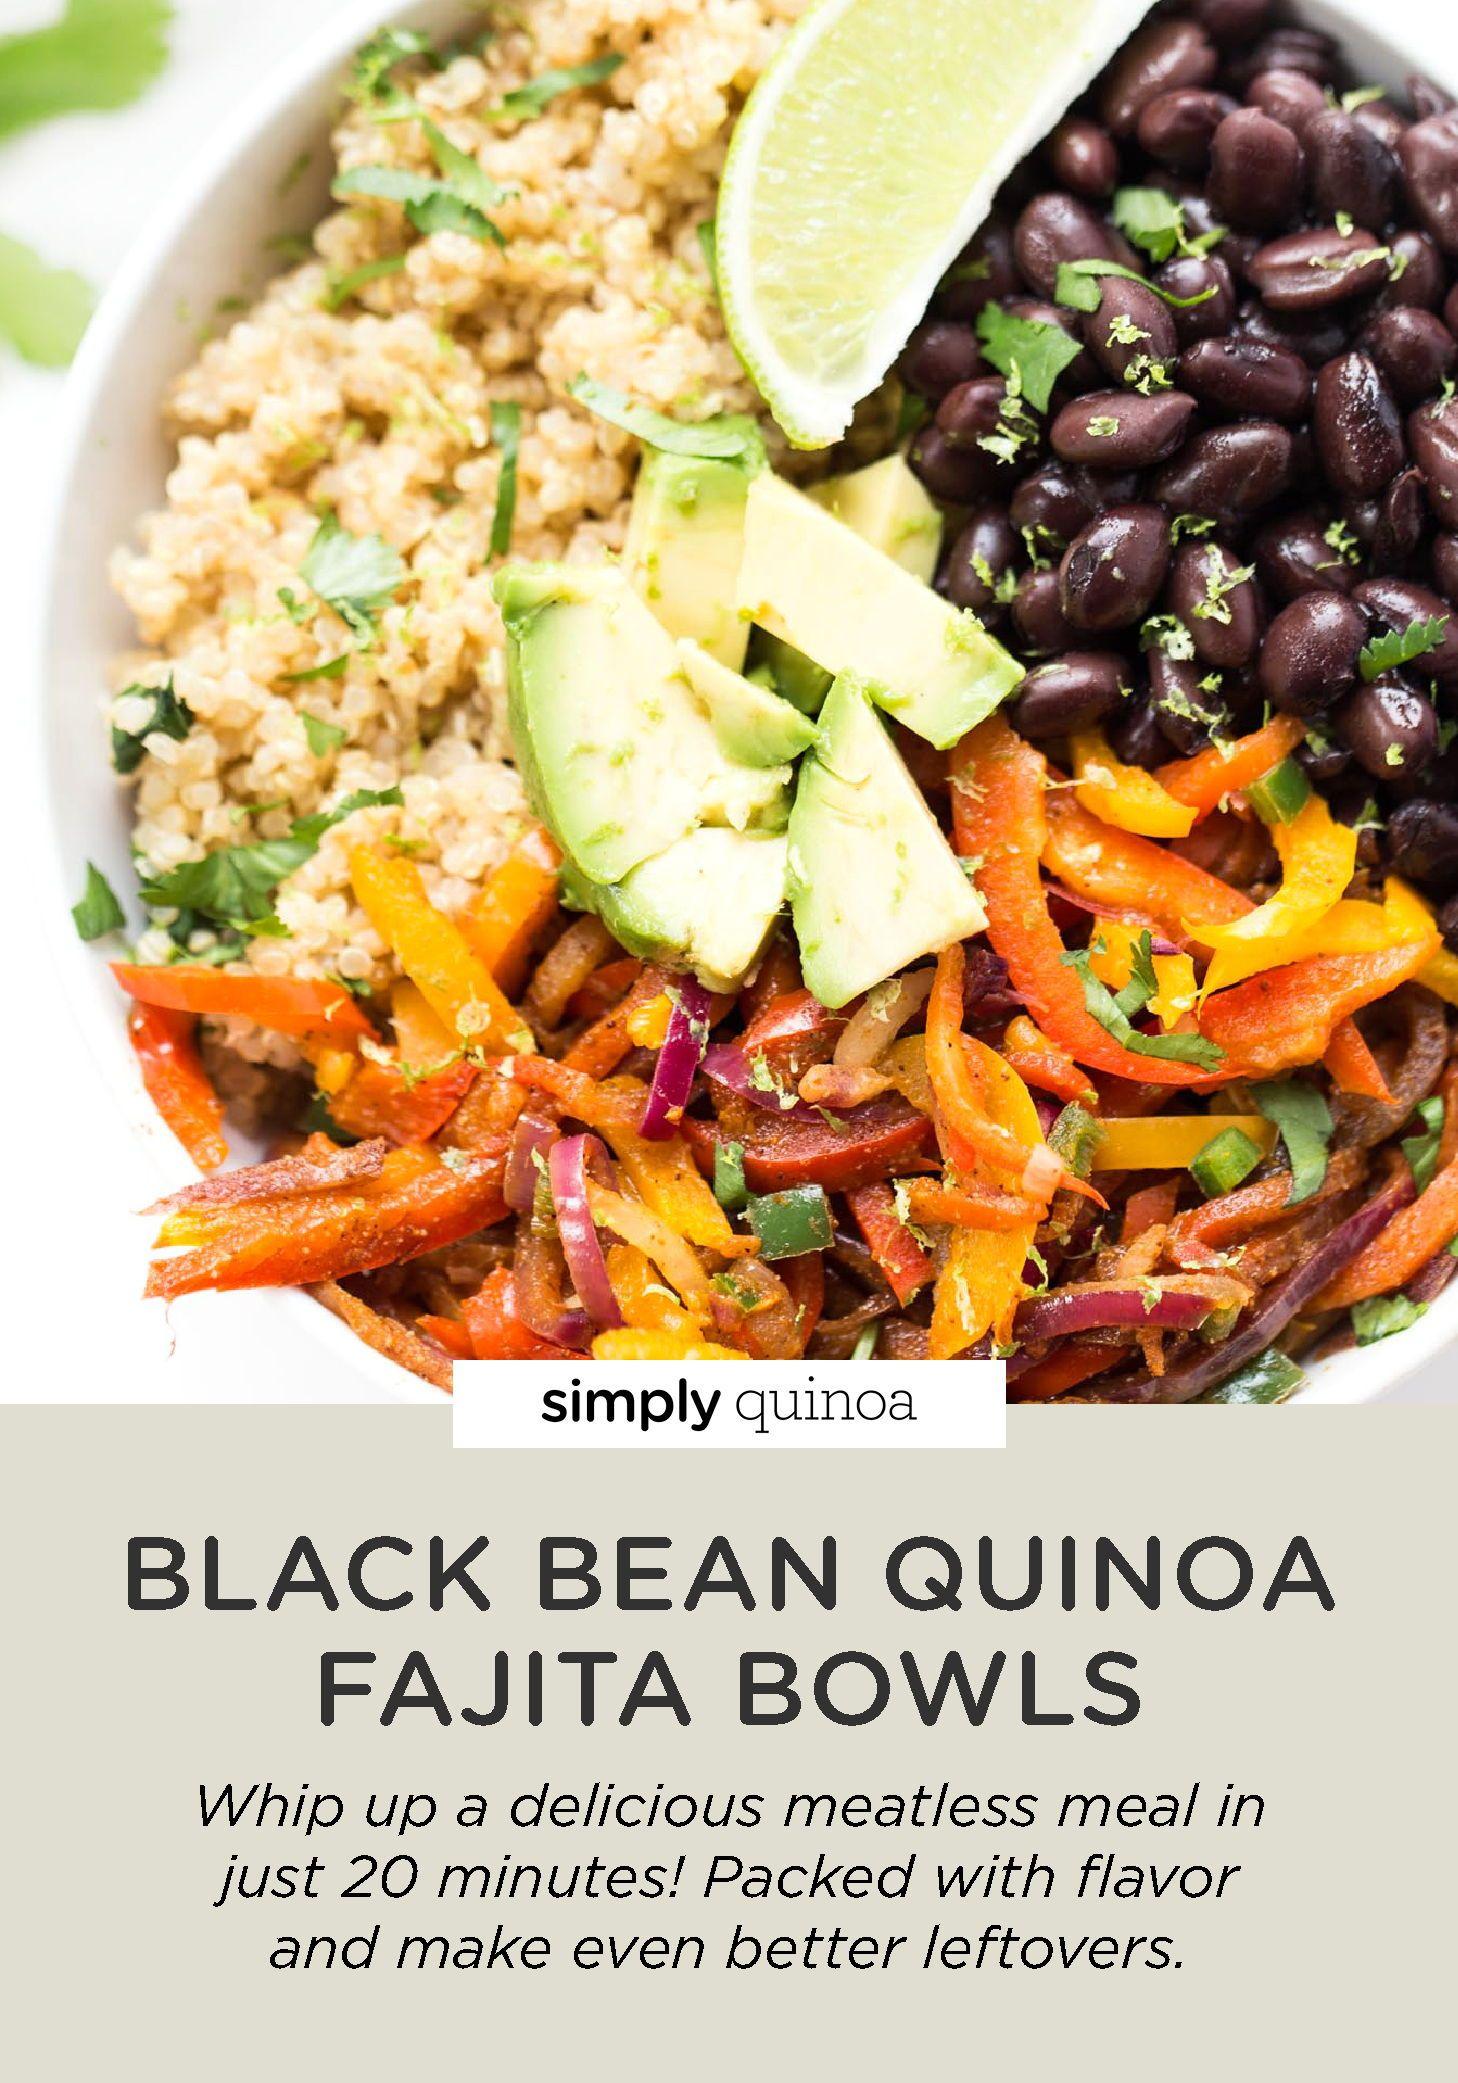 Black Bean Quinoa Fajita Bowls Simply Quinoa Recipe Delicious Veggies Meals Recipes